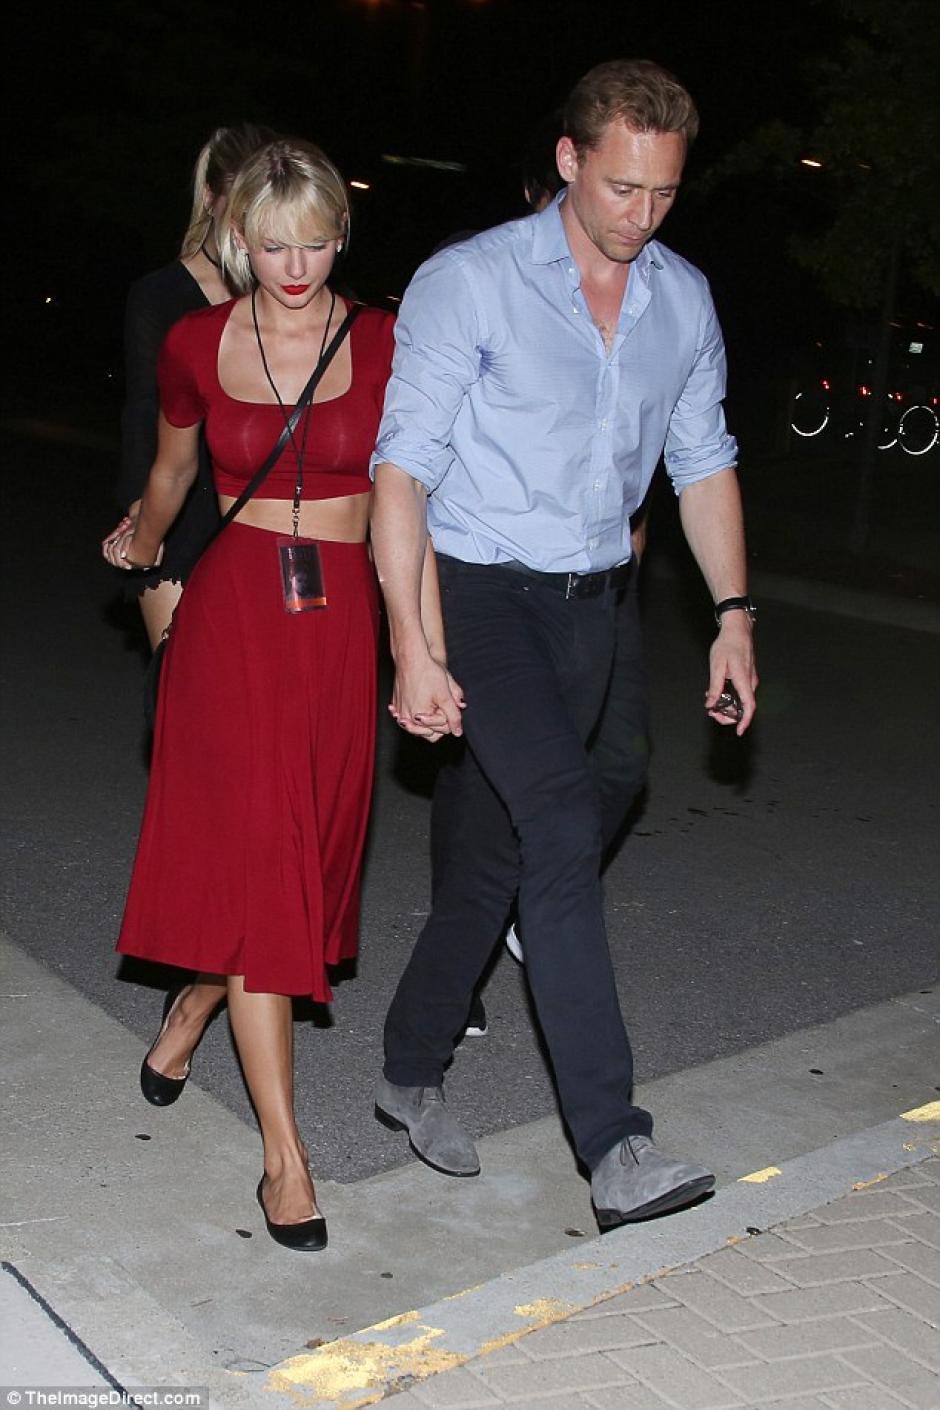 La rubia asistió a un concierto de Selena Gomez y desde entonces no ha dejado de ser tema de conversación. (Foto: Daily Mail)